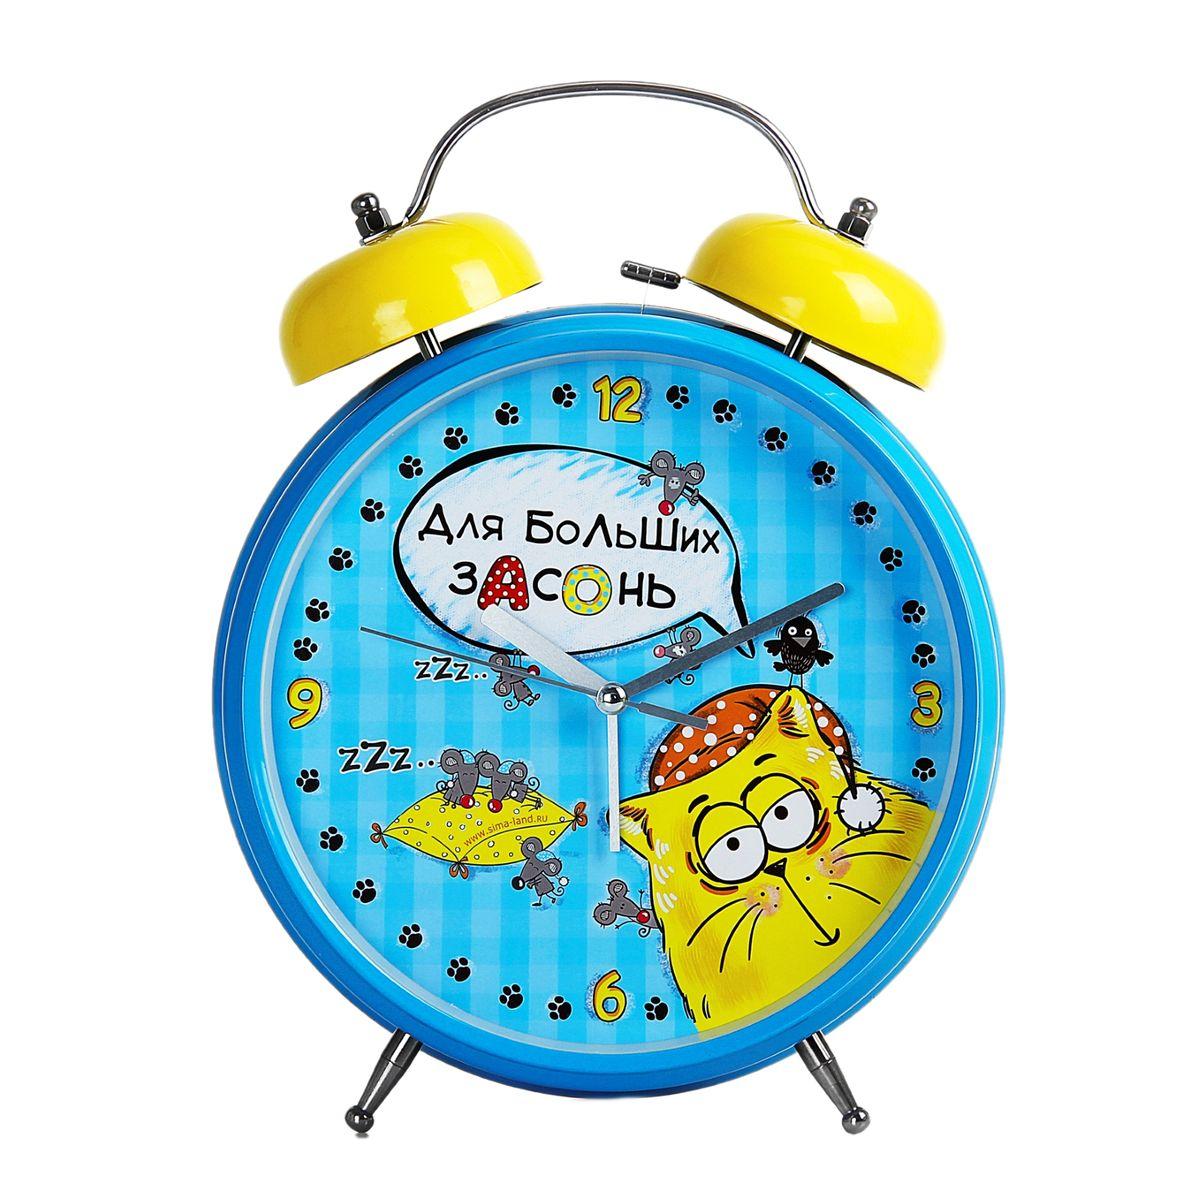 Часы-будильник Sima-land Для больших засонь150670Как же сложно иногда вставать вовремя! Всегда так хочется поспать еще хотябы 5 минут ибывает,что мы просыпаем. Теперь этого не случится! Яркий, оригинальный будильникSima-land Для больших засоньпоможет вам всегдавставать в нужное время и успевать везде и всюду. Будильник украсит вашукомнату и приведет в восхищение друзей. Время показываетточно и будит вустановленный час. Будильник невероятных размеров создан специально для тех, кого ранним утром не берут ни огонь, ни вода, ни медные трубы! Это гигант среди будильников. Его звук соответствует размеру - громкий и звонкий и не оставляет никому шансов проспать.На задней панели будильника расположены переключательвключения/выключения механизма,атакже два колесика для настройки текущего времени и времени звонкабудильника. Также будильник оснащен кнопкой, при нажатии и удержании которой, подсвечивается циферблат.Будильник работает от 2 батареек типа AA напряжением 1,5V (не входят в комплект).